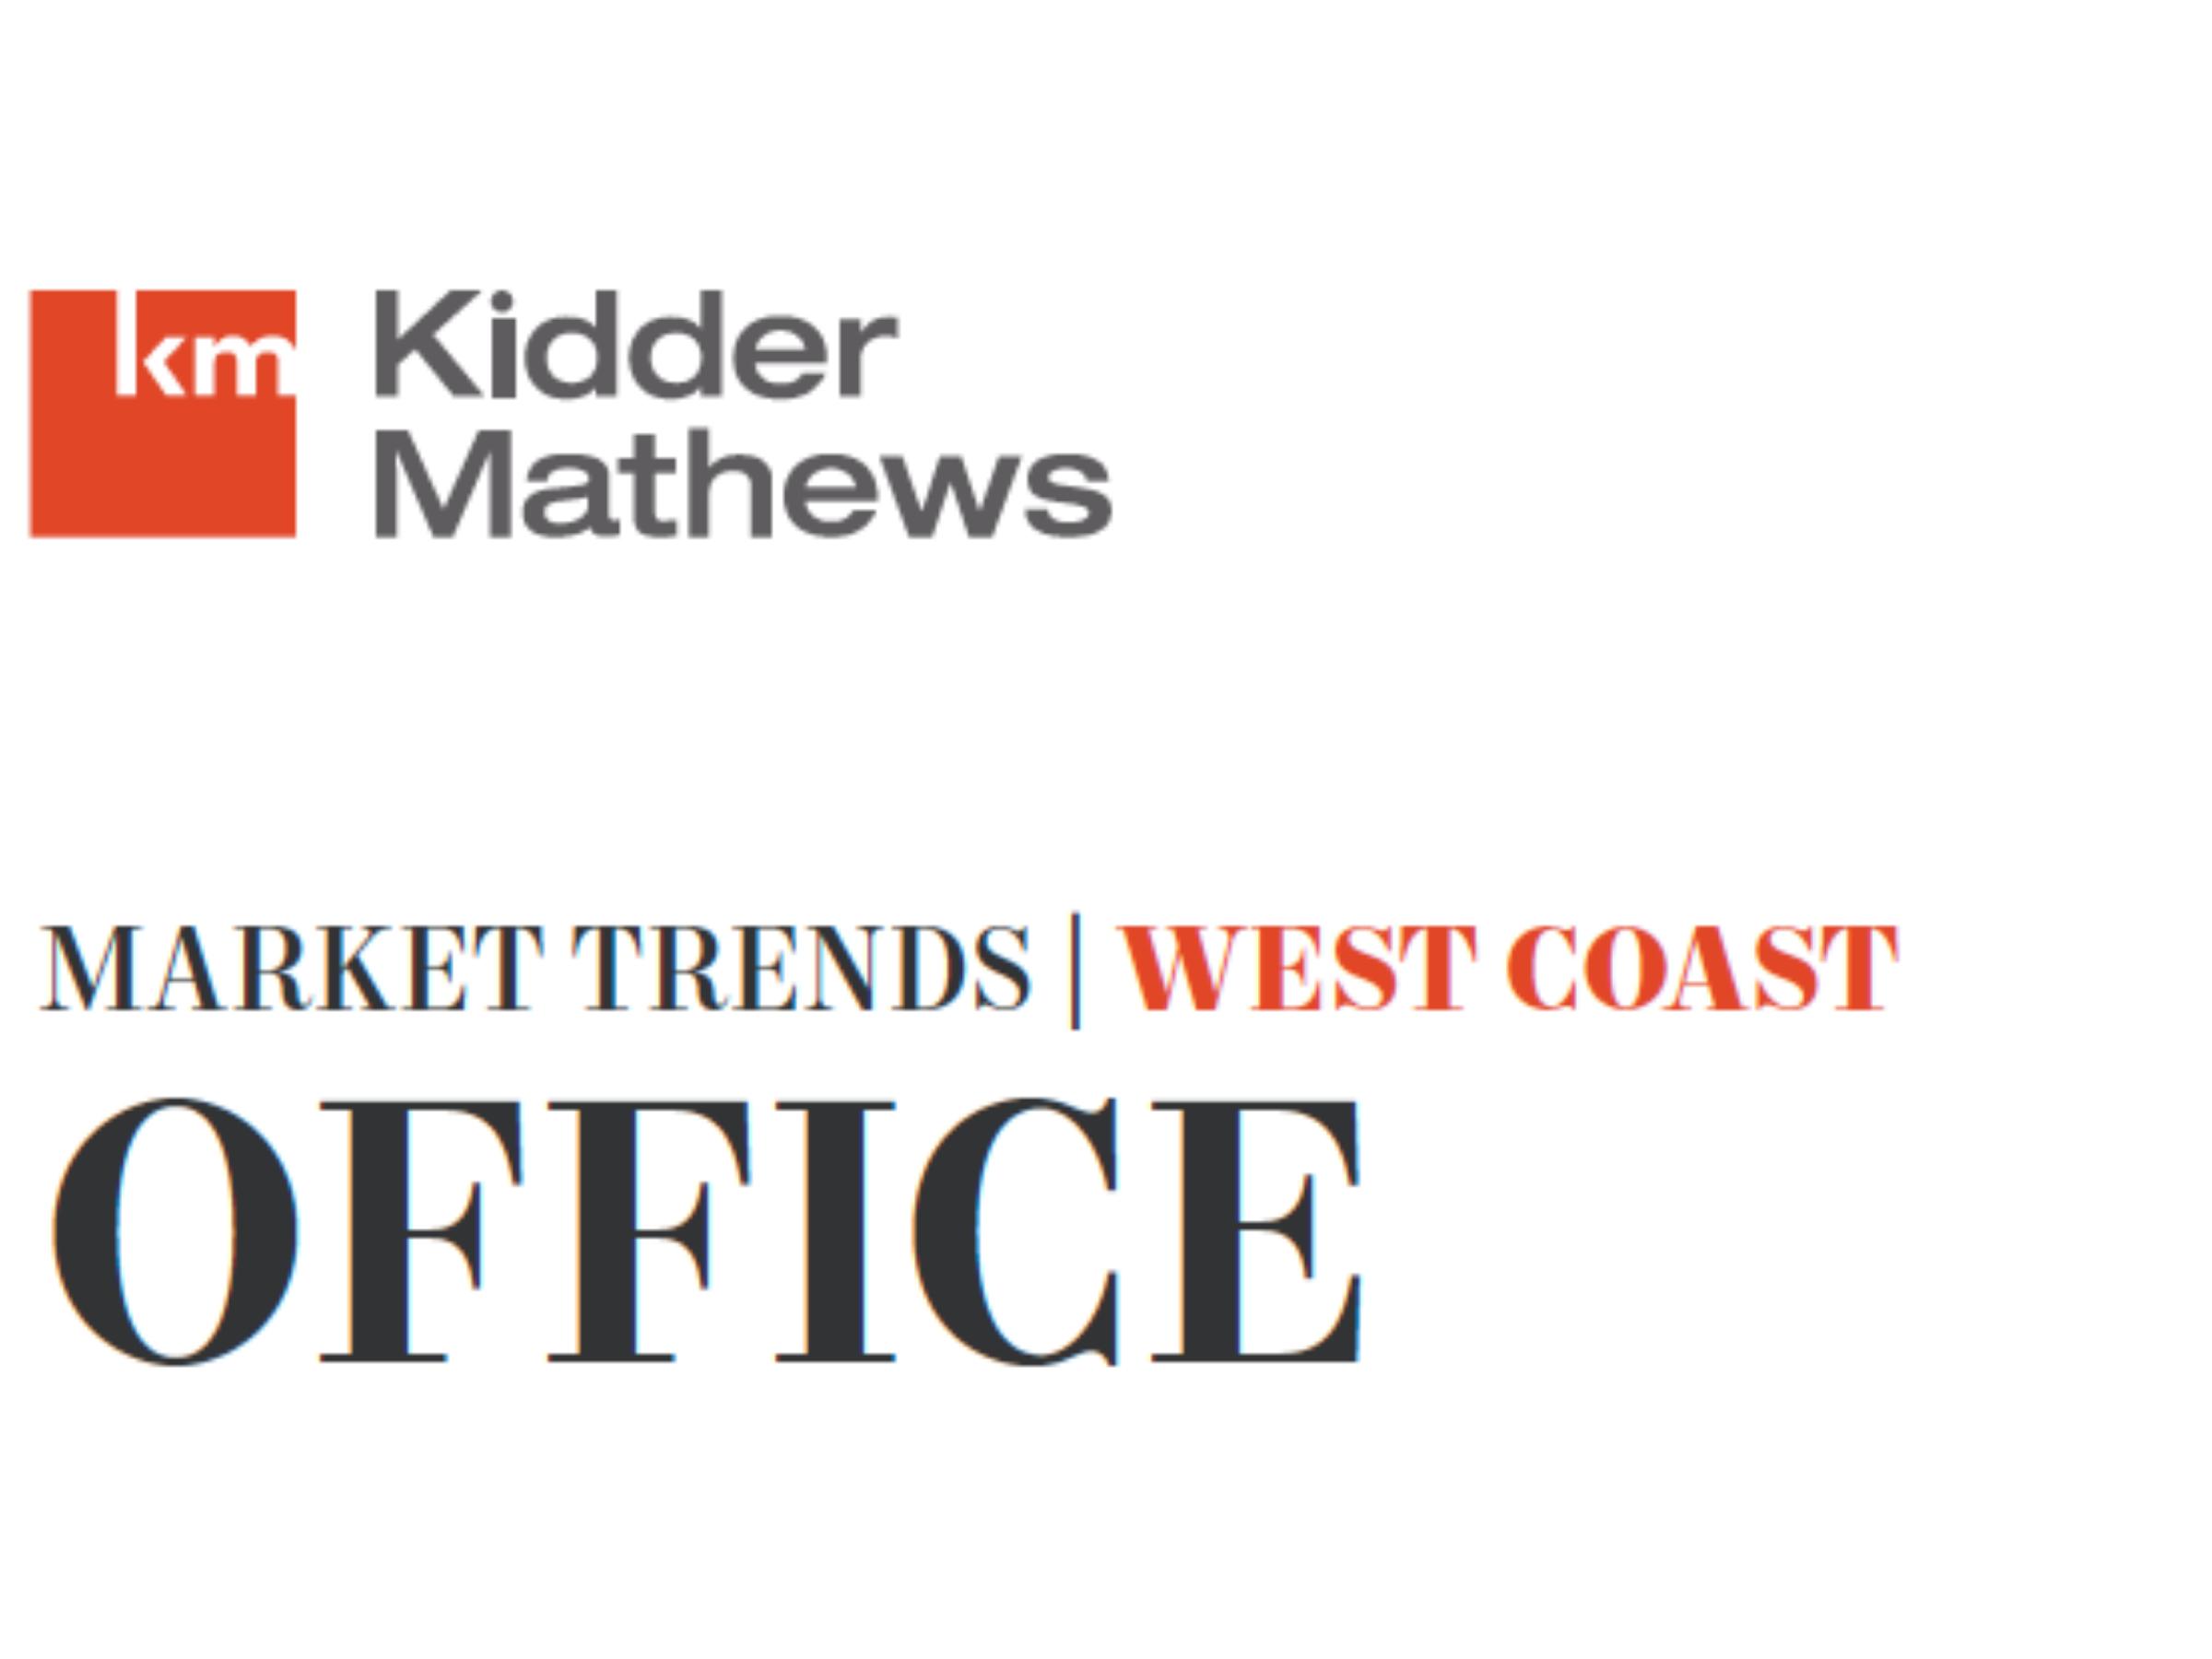 Kidder Mathews Market Trends West Coast Office Report